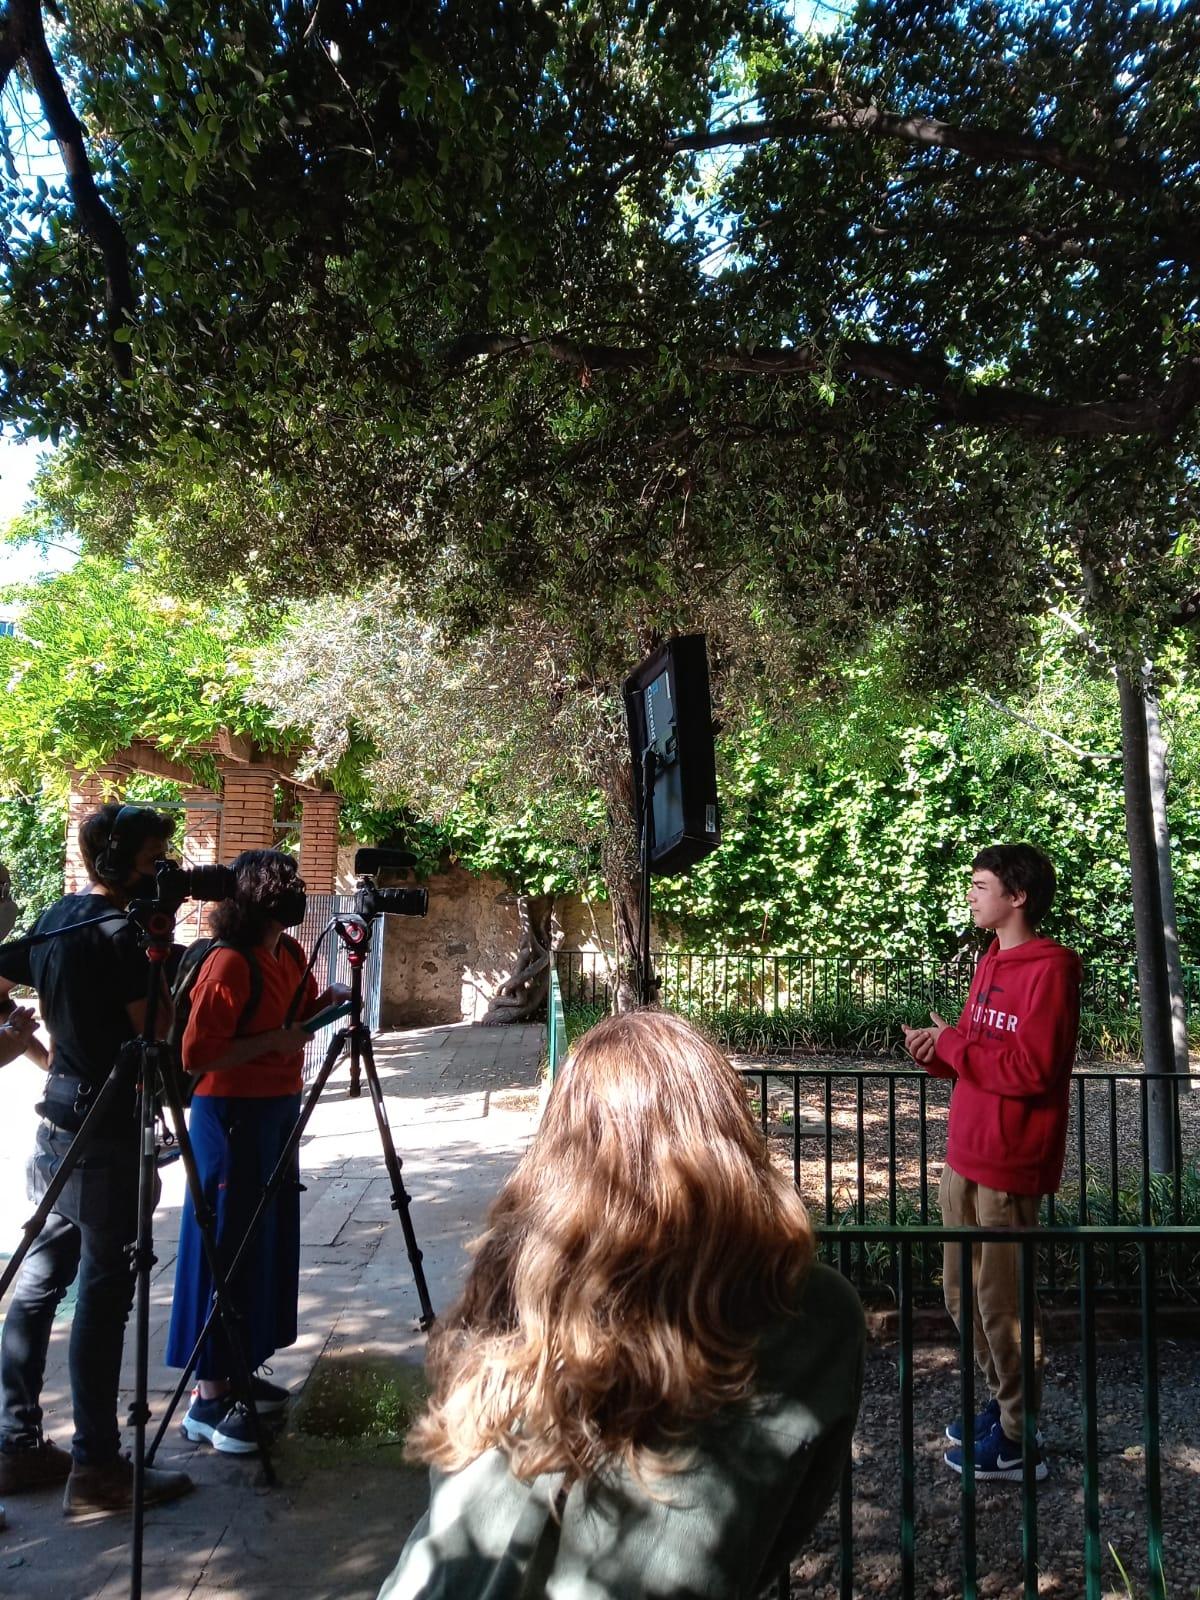 Rodatge del programa PáginaDos a l'escola FEDAC Horta de Barcelona